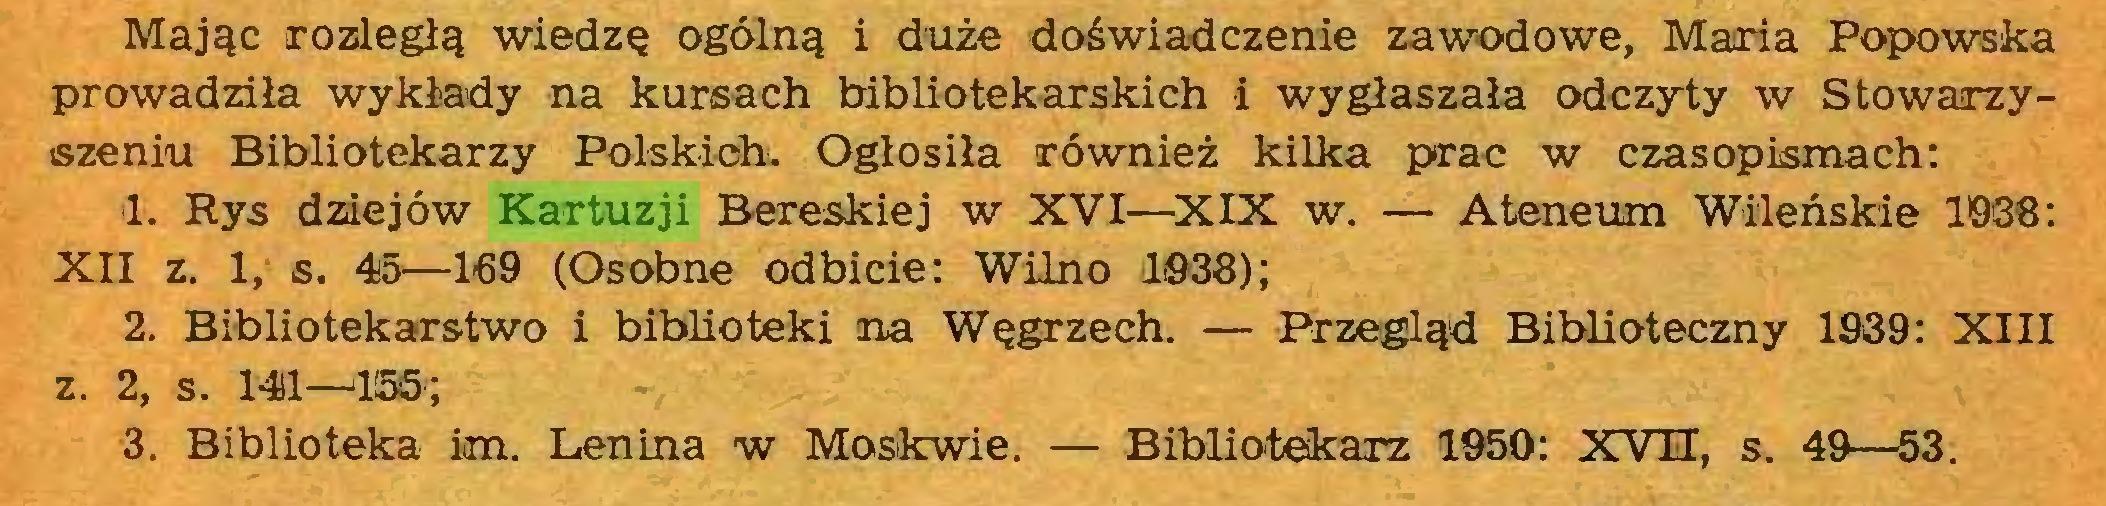 (...) Mając rozległą wiedzę ogólną i duże doświadczenie zawodowe, Maria Popowska prowadziła wykłady na kursach bibliotekarskich i wygłaszała odczyty w Stowarzyszeniu Bibliotekarzy Polskich. Ogłosiła również kilka prac w czasopismach: 1. Rys dziejów Kartuzji Bereskiej w XVI—XIX w. — Ateneum Wileńskie 19*38: XII z. 1, s. 45—169 (Osobne odbicie: Wilno 1038); 2. Bibliotekarstwo i biblioteki na Węgrzech. — Przegląd Biblioteczny 1939: XIII z. 2, s. 14)1—*155*; 3. Biblioteka im. Lenina w Moskwie. — Bibliotekarz 1950: XVH, s. 49—53...